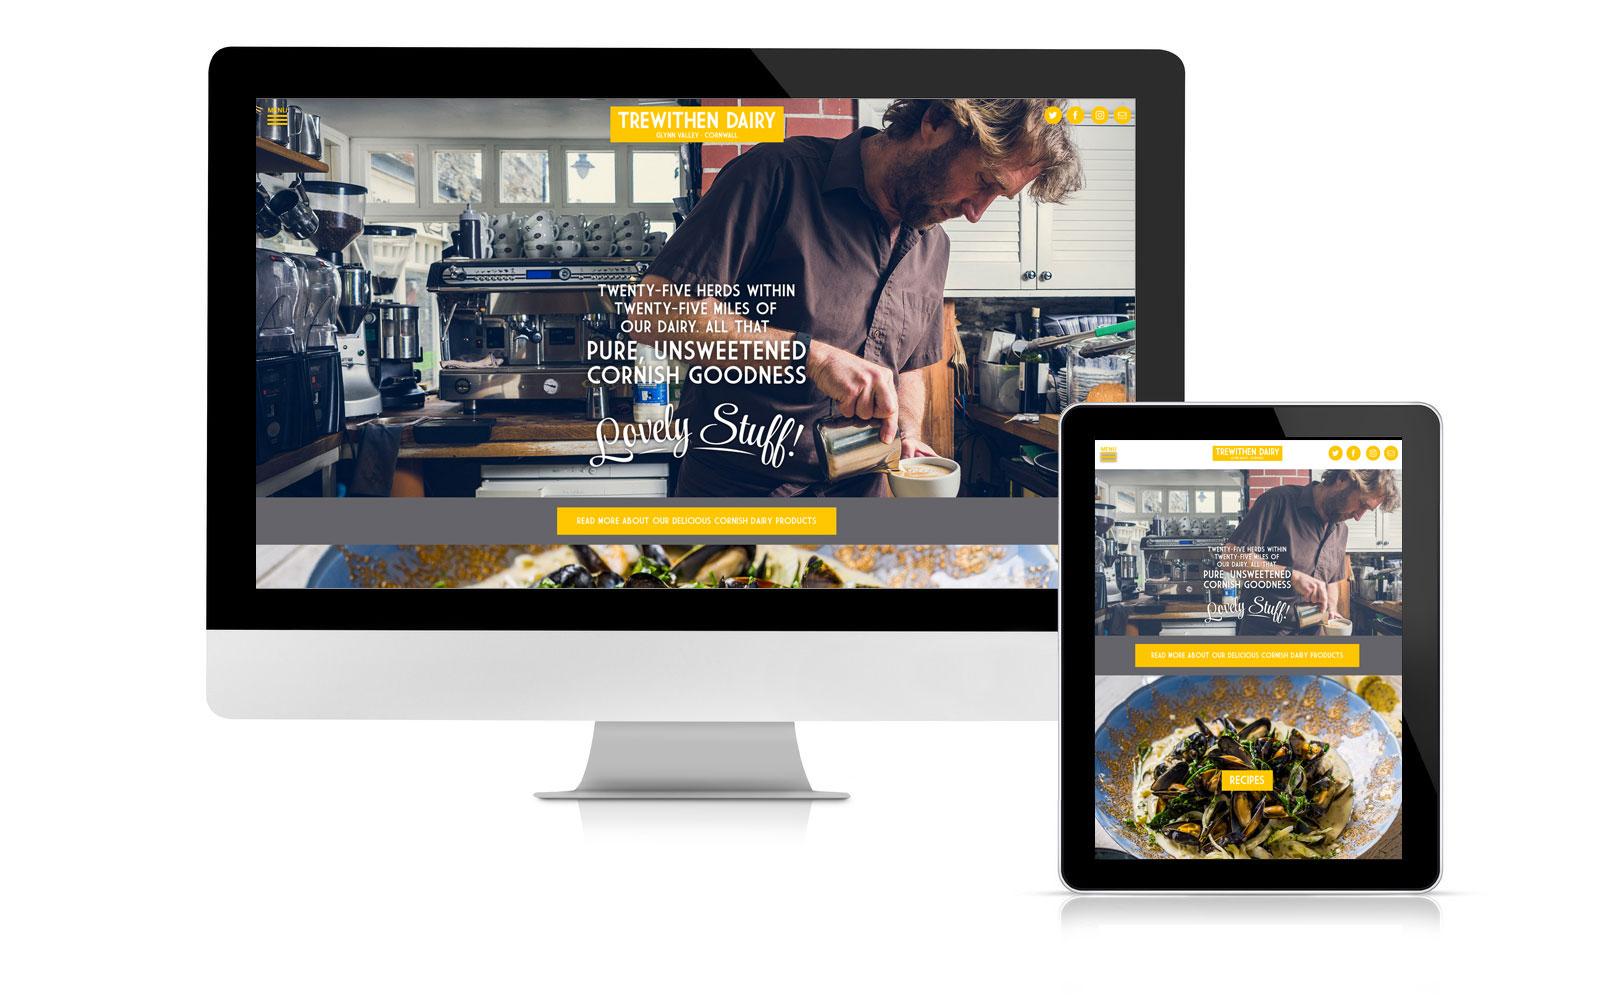 Trewithen Dairy website design